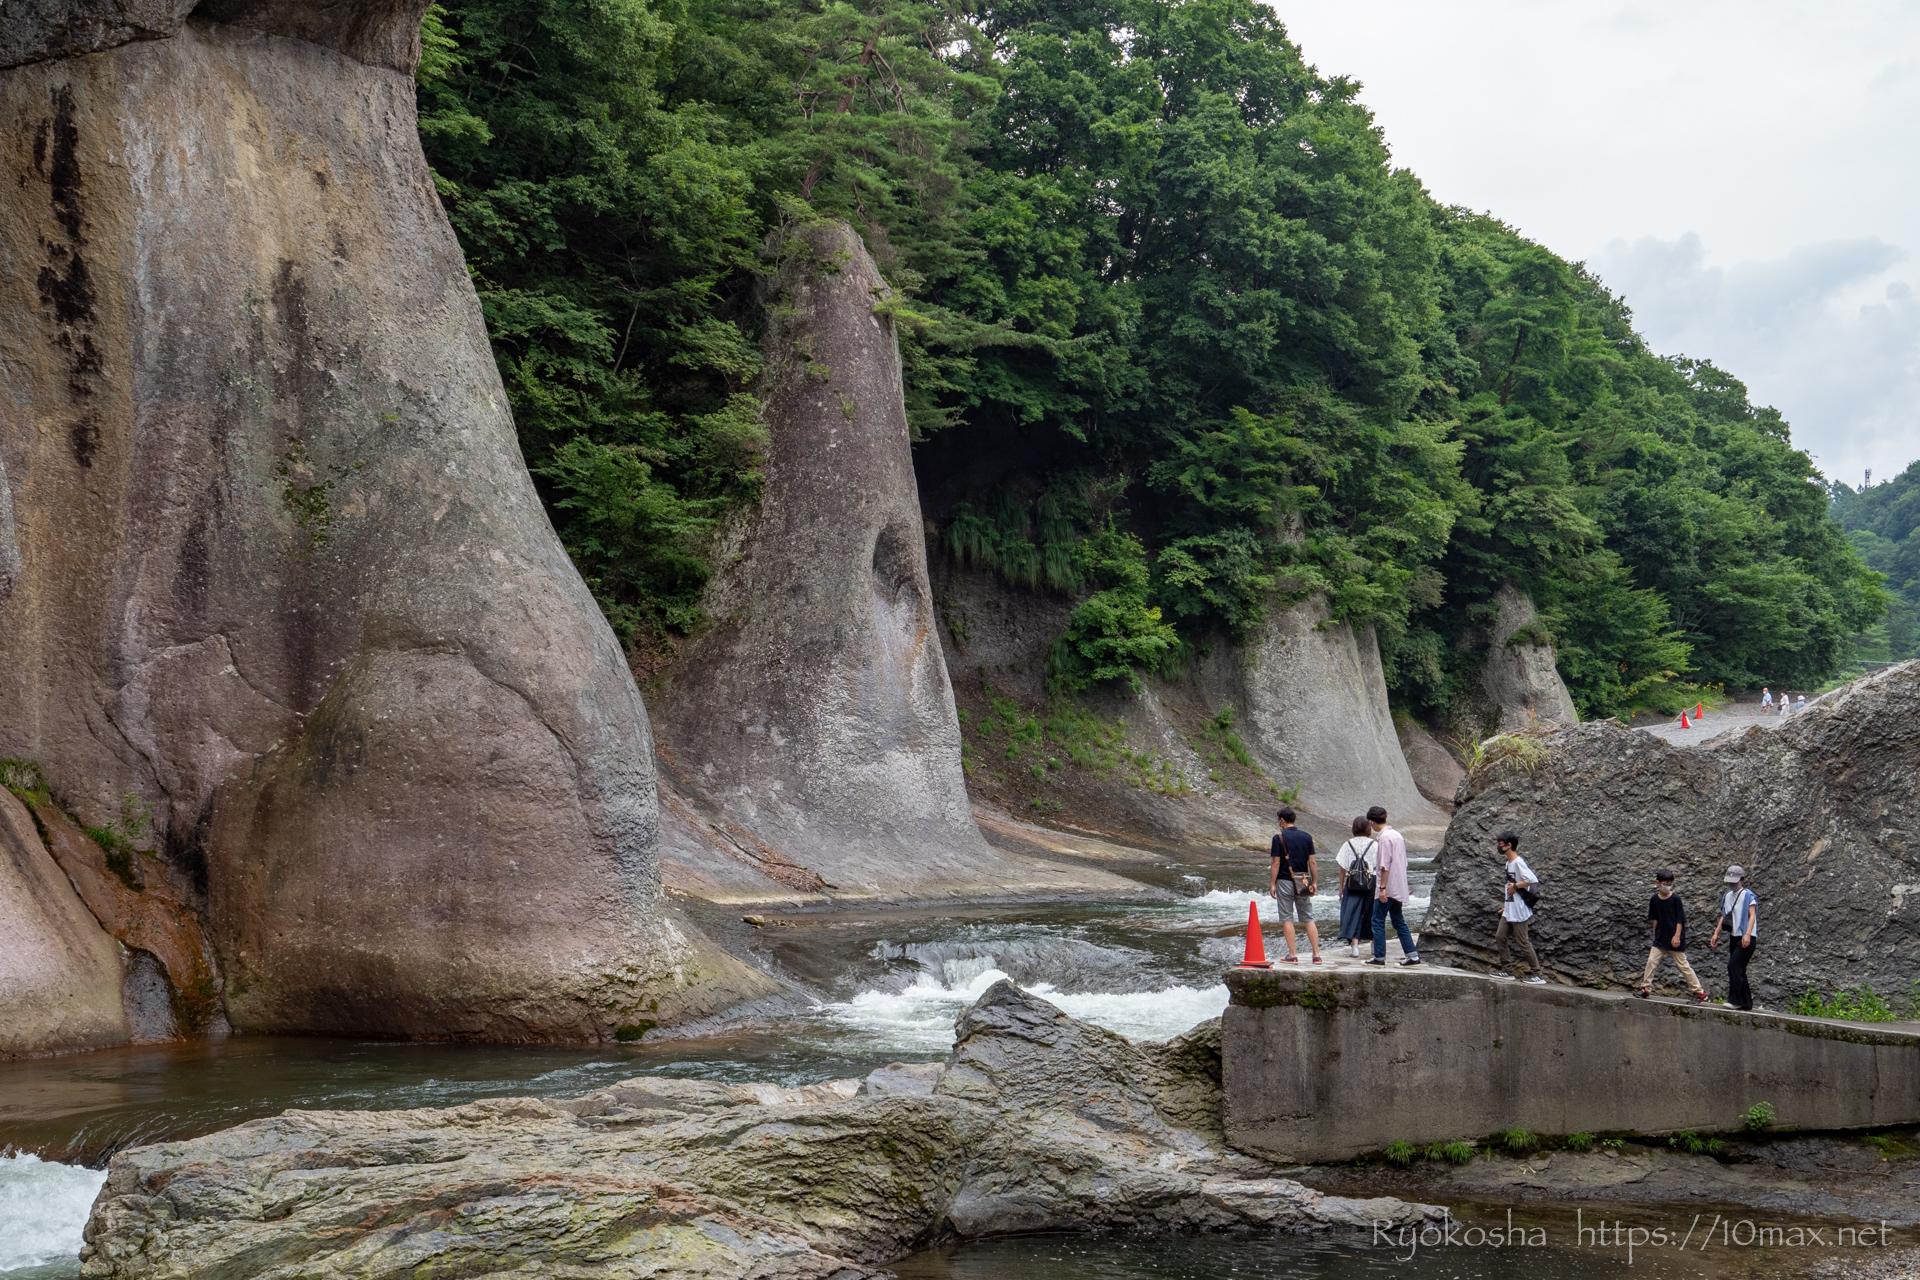 群馬県 沼田市 吹割の滝 東洋のナイアガラ 般若の岩